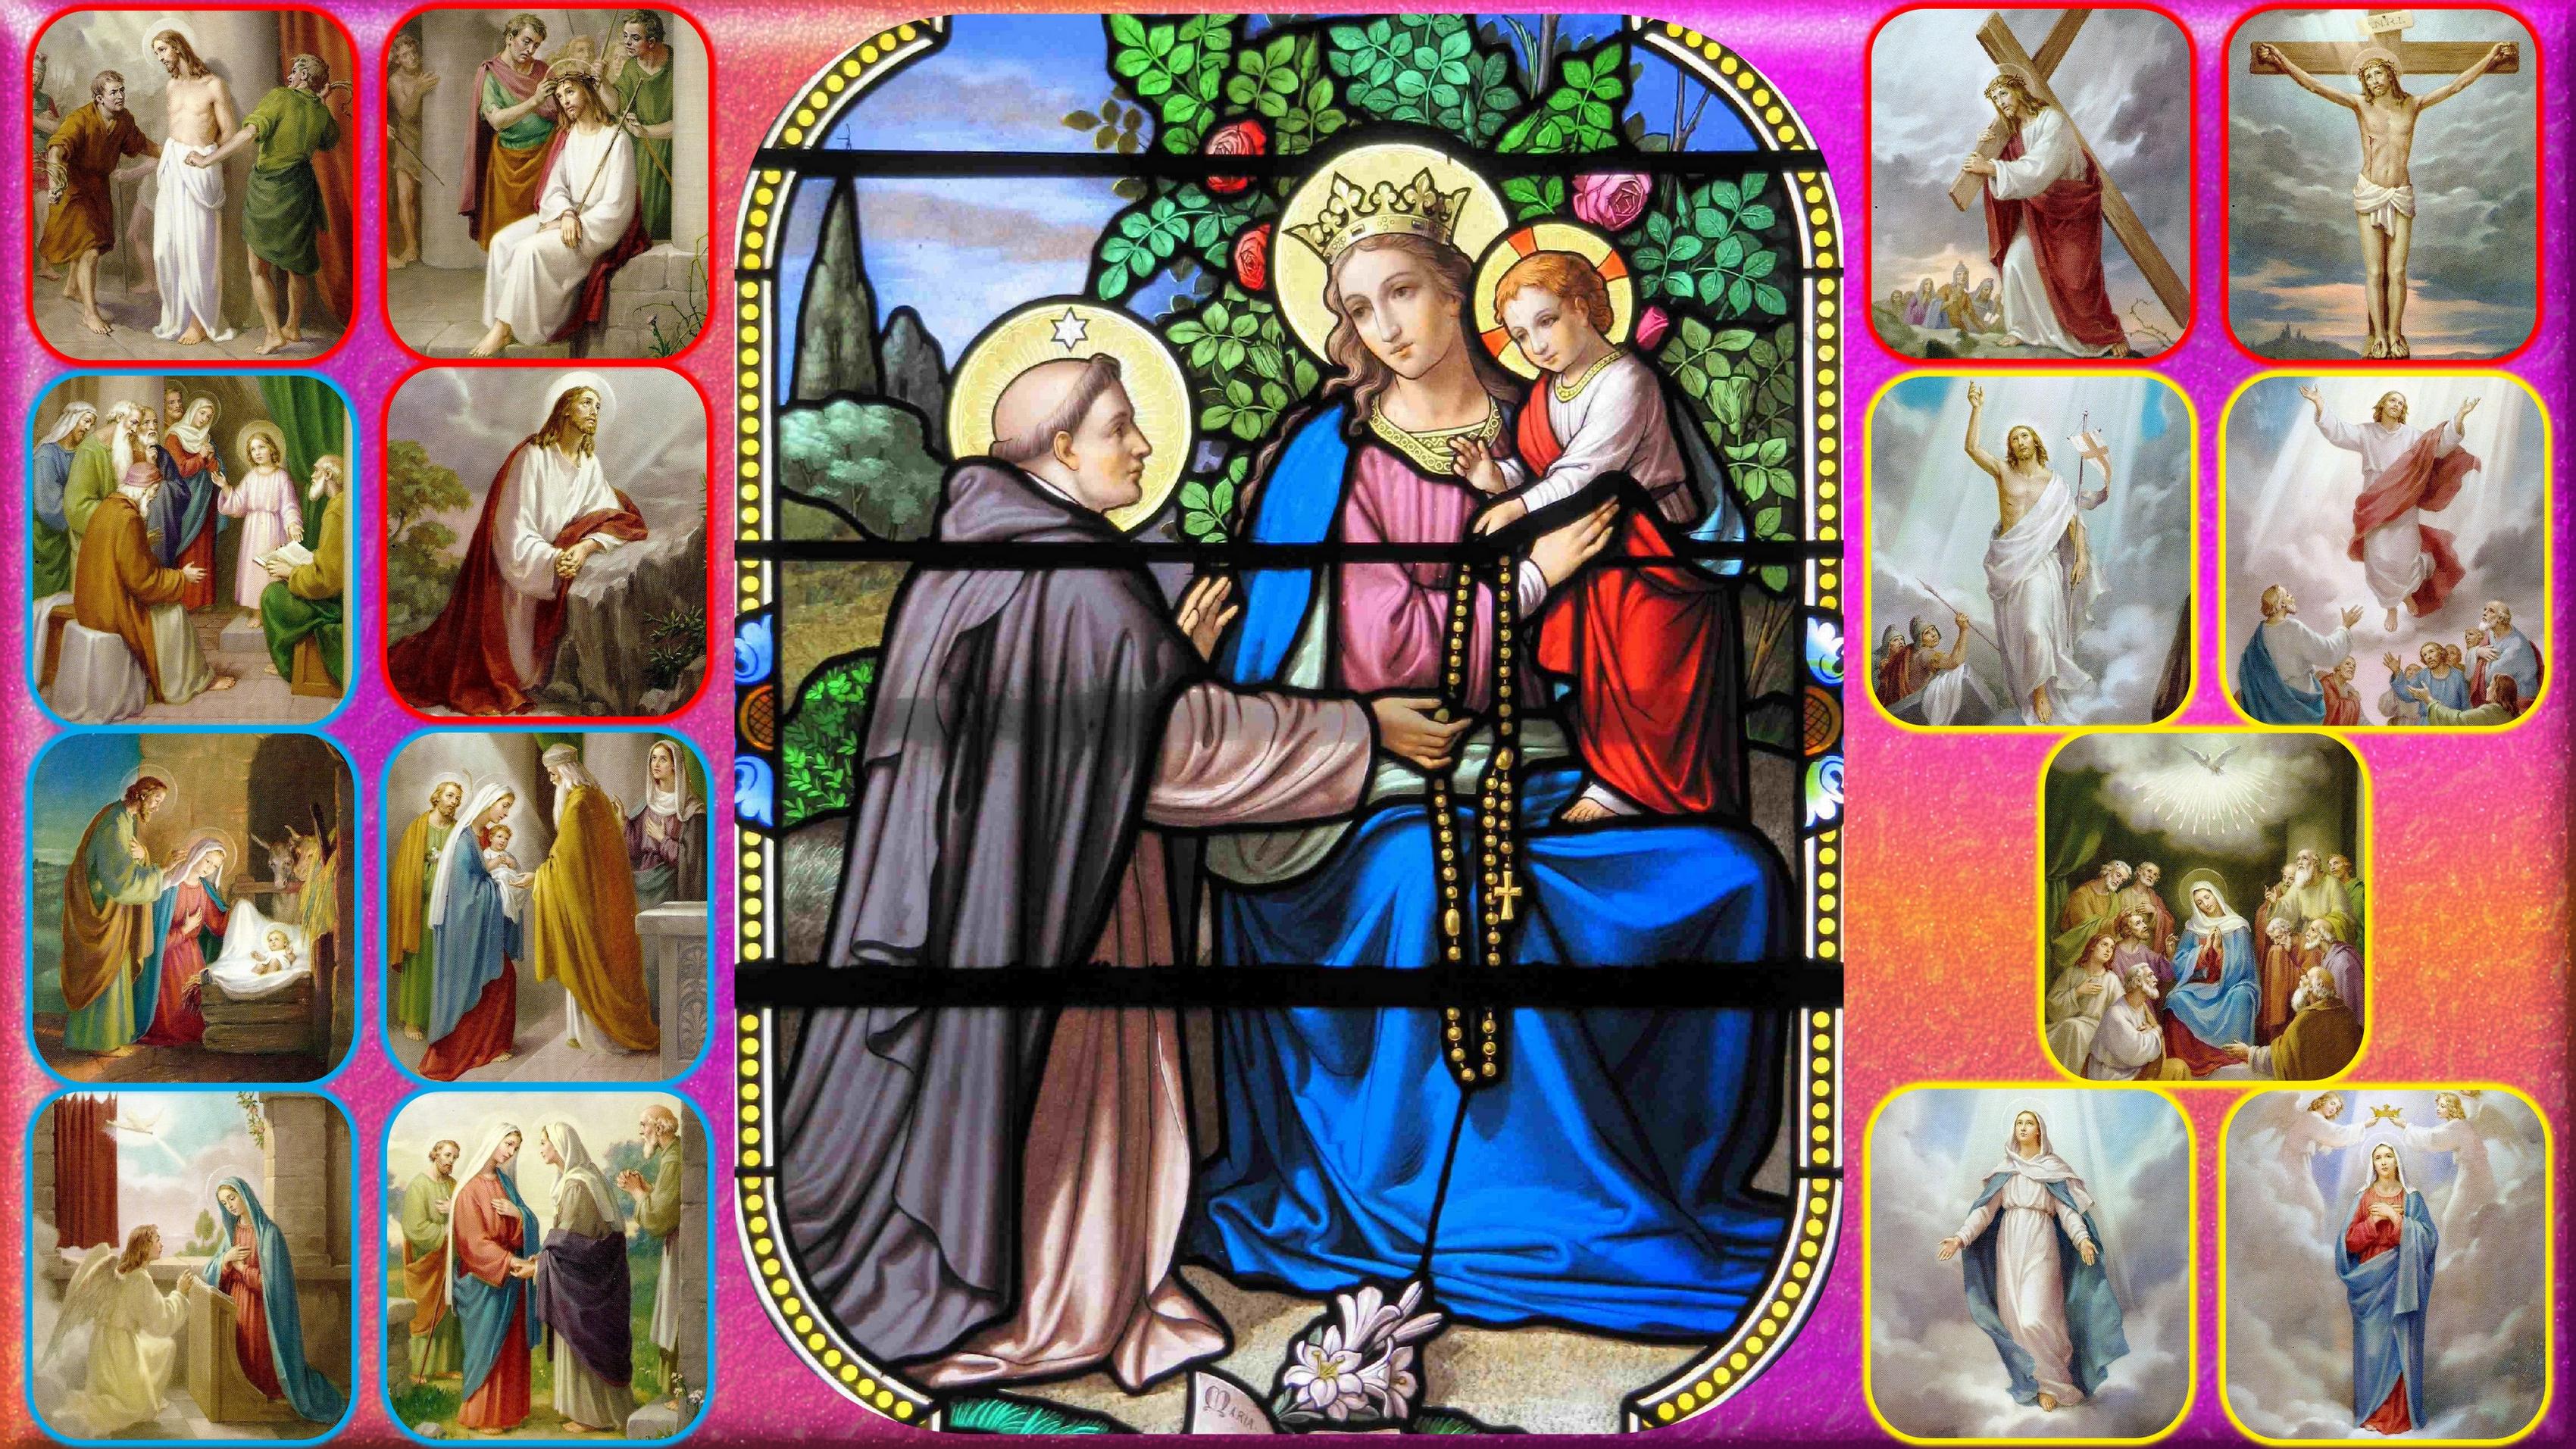 Le Rosaire en Images - Page 4 Notre-dame-enseig...-rosaire-5579c14